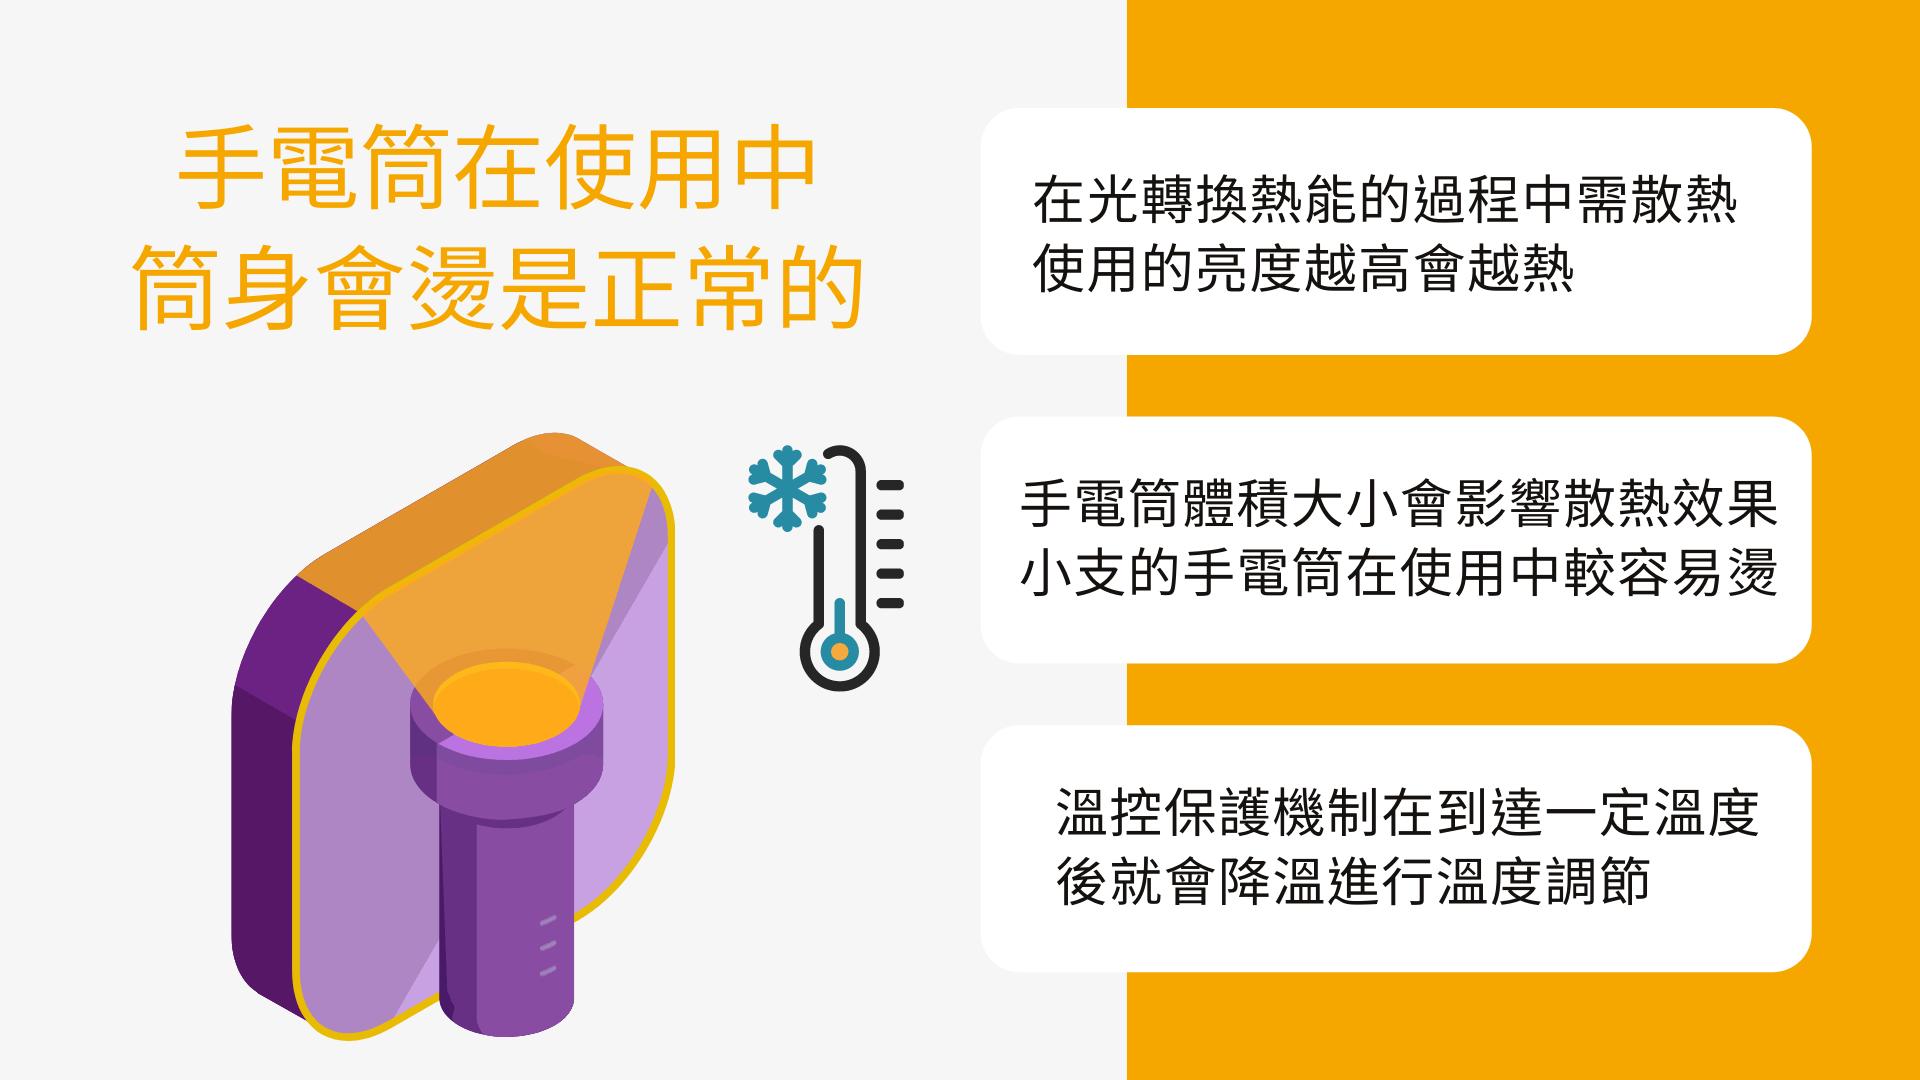 手電筒在使用中,筒身會燙是正常的嗎